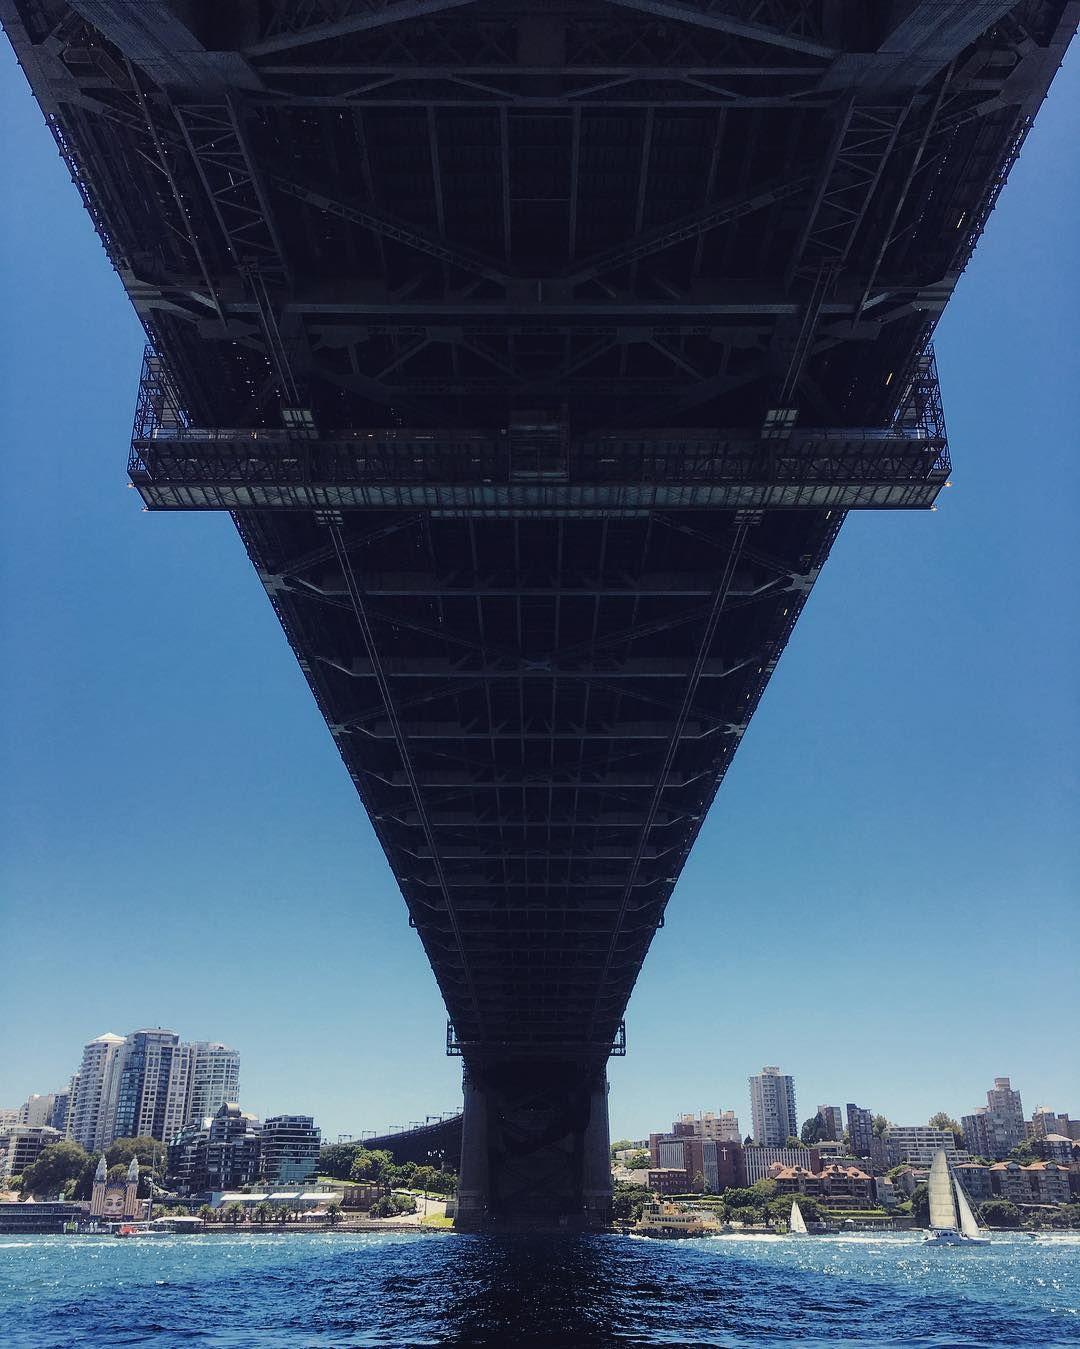 #sydney #sydneyharbourbridge by __mrk__ http://ift.tt/1NRMbNv